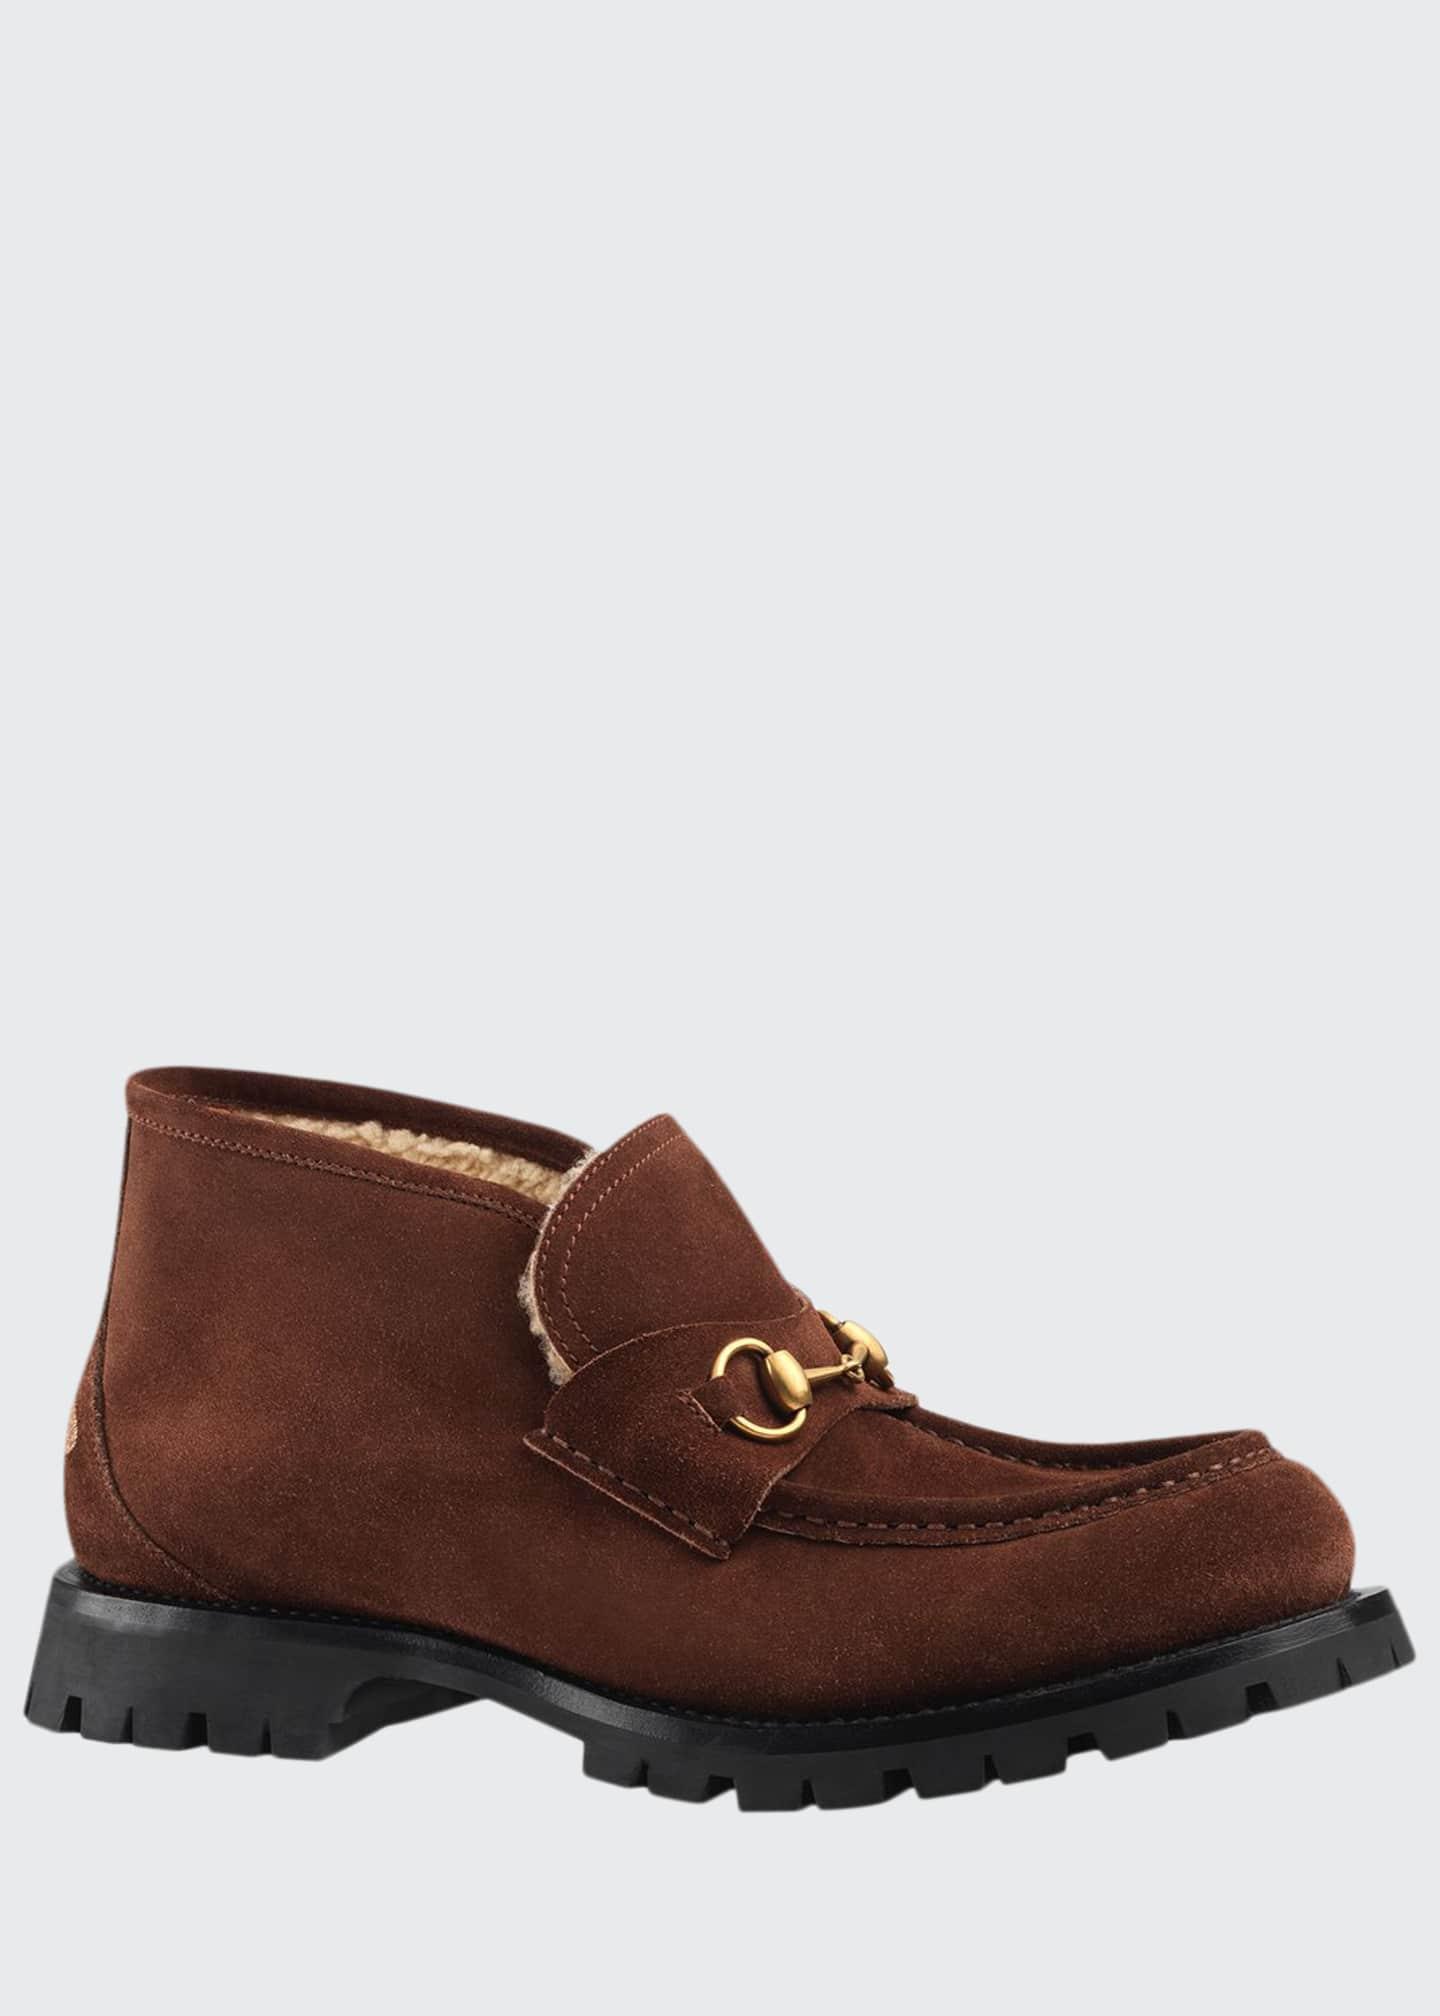 Gucci Men's Django Suede/Wool Horsebit Booties